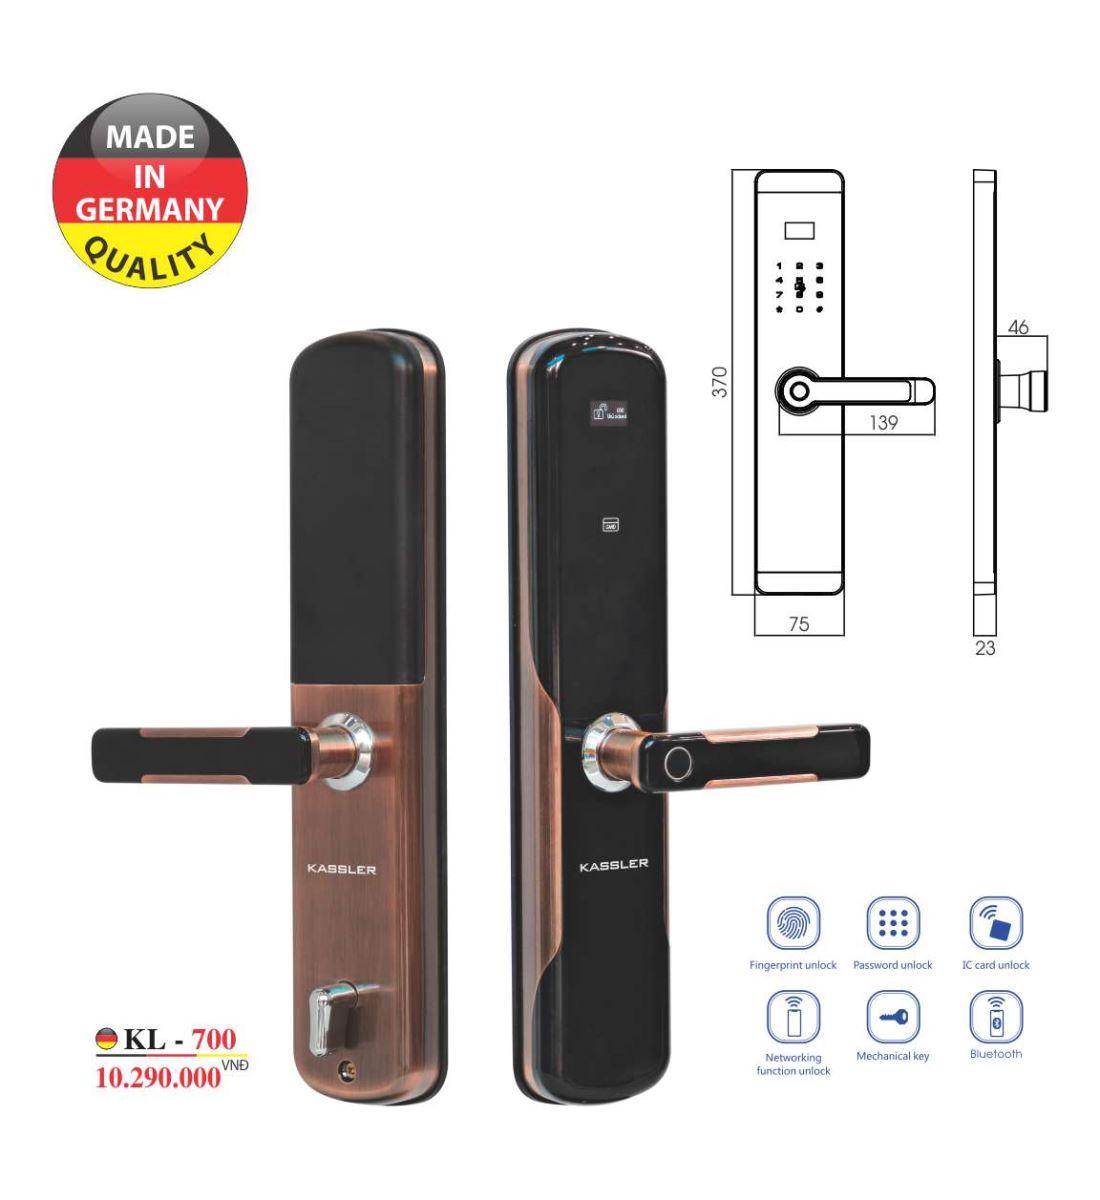 Khóa vân tay Kassler KL-700 - Mở khóa bằng App điện thoại